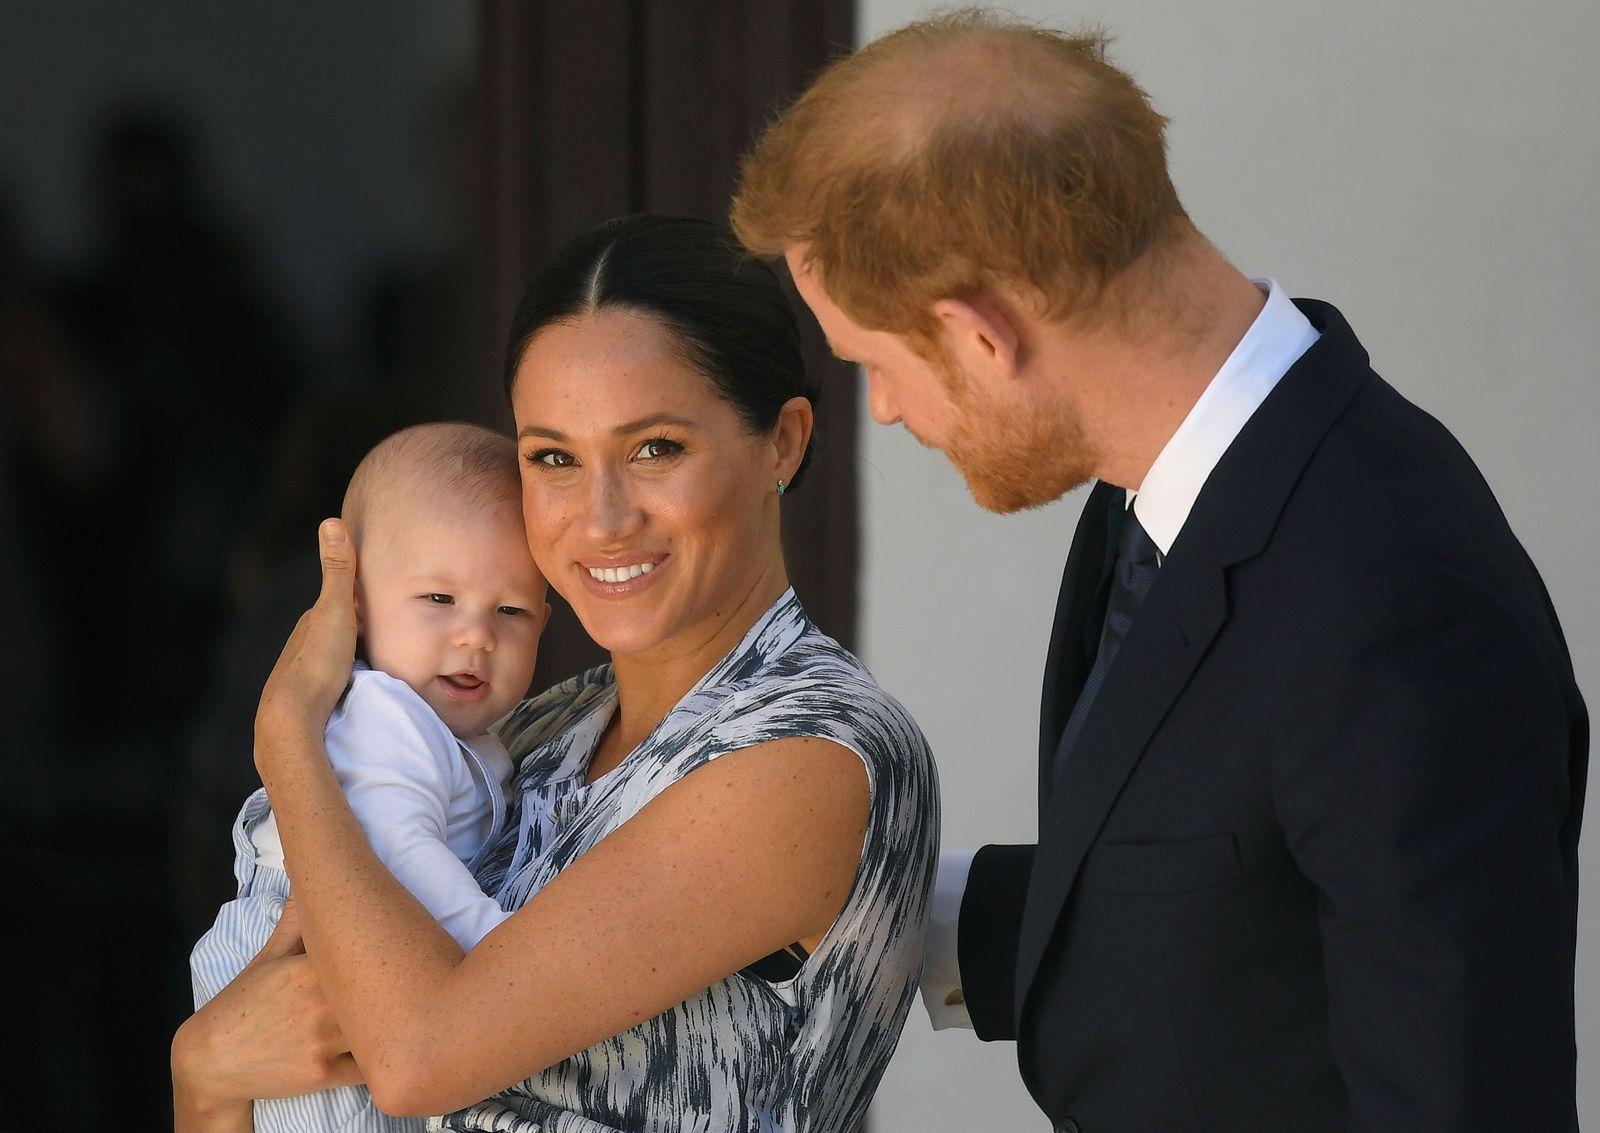 Prinz Harry und Herzogin Meghan hadern mit der Öffentlichkeit und ihrer Rolle in der Royal Family.